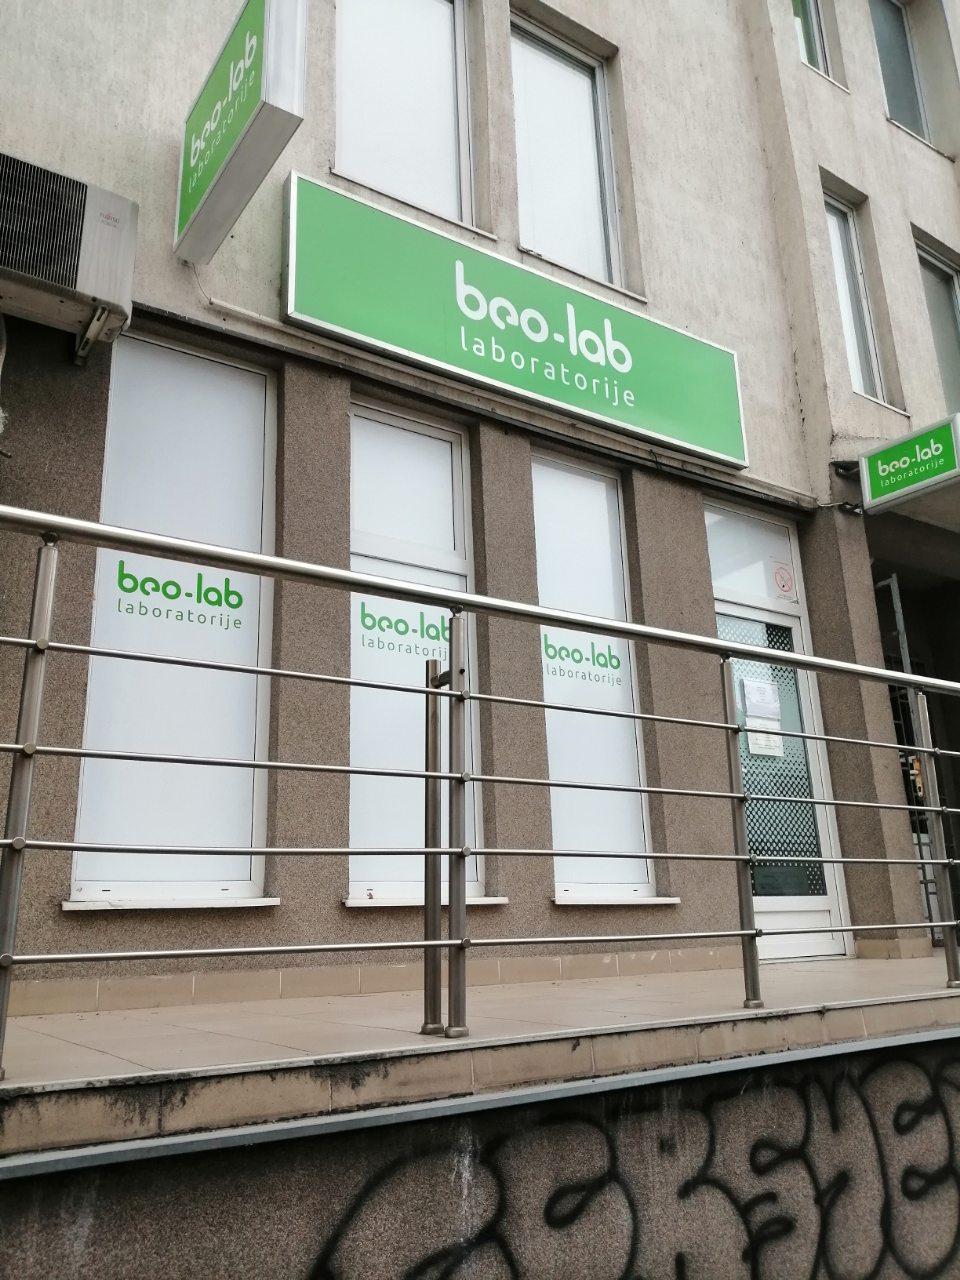 Beo-lab laboratorija Žarkovo, Ratka Mitrovića 148 2